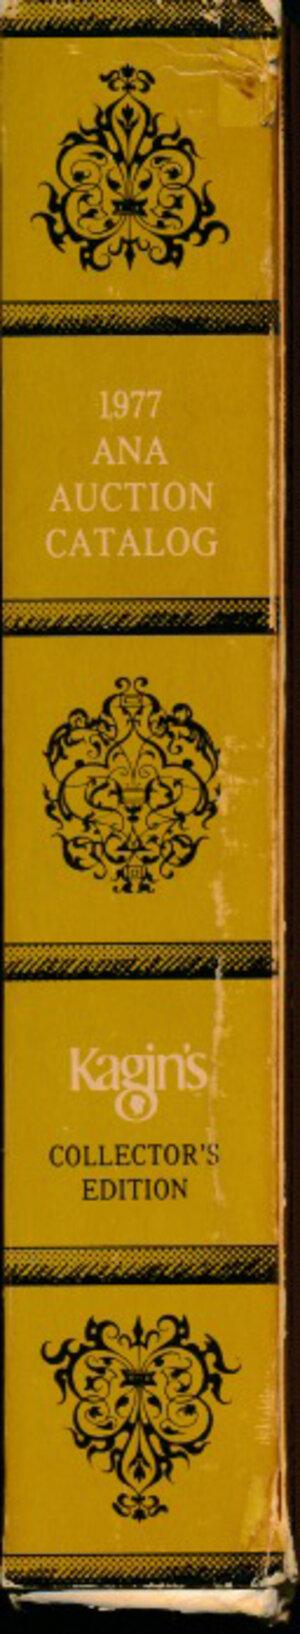 obverse: ANA - Auction catalog 1977. American Numismatic Association 86th annual convention. Cofanetto con 5 cataloghi d asta. Buono stato.